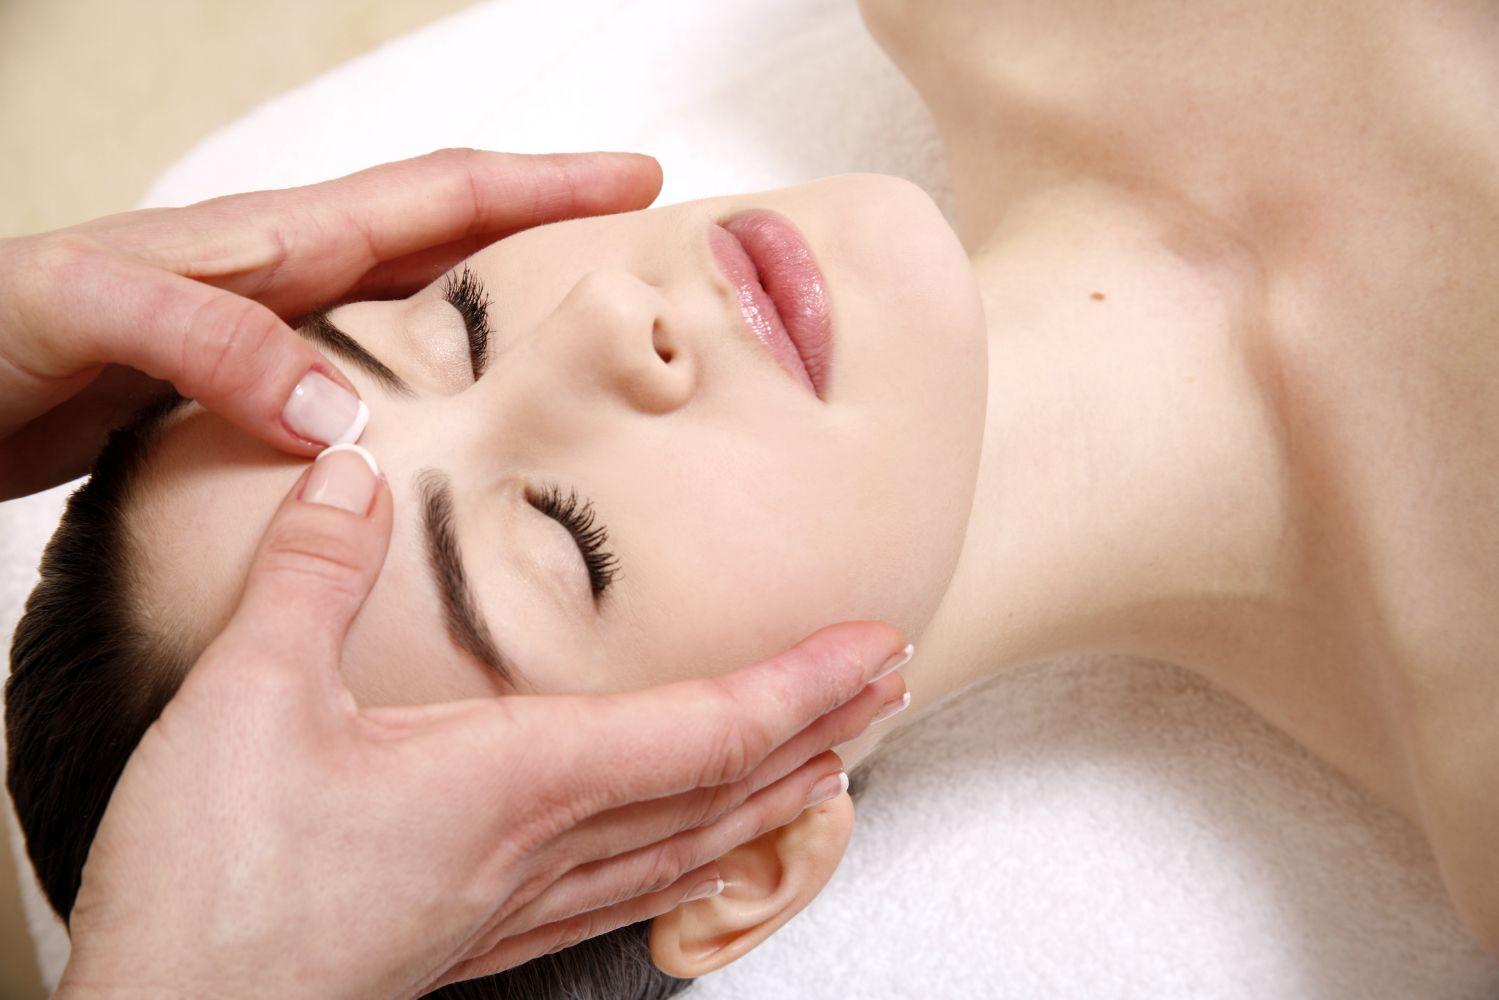 Facial massage at our massage school in Aiea, HI